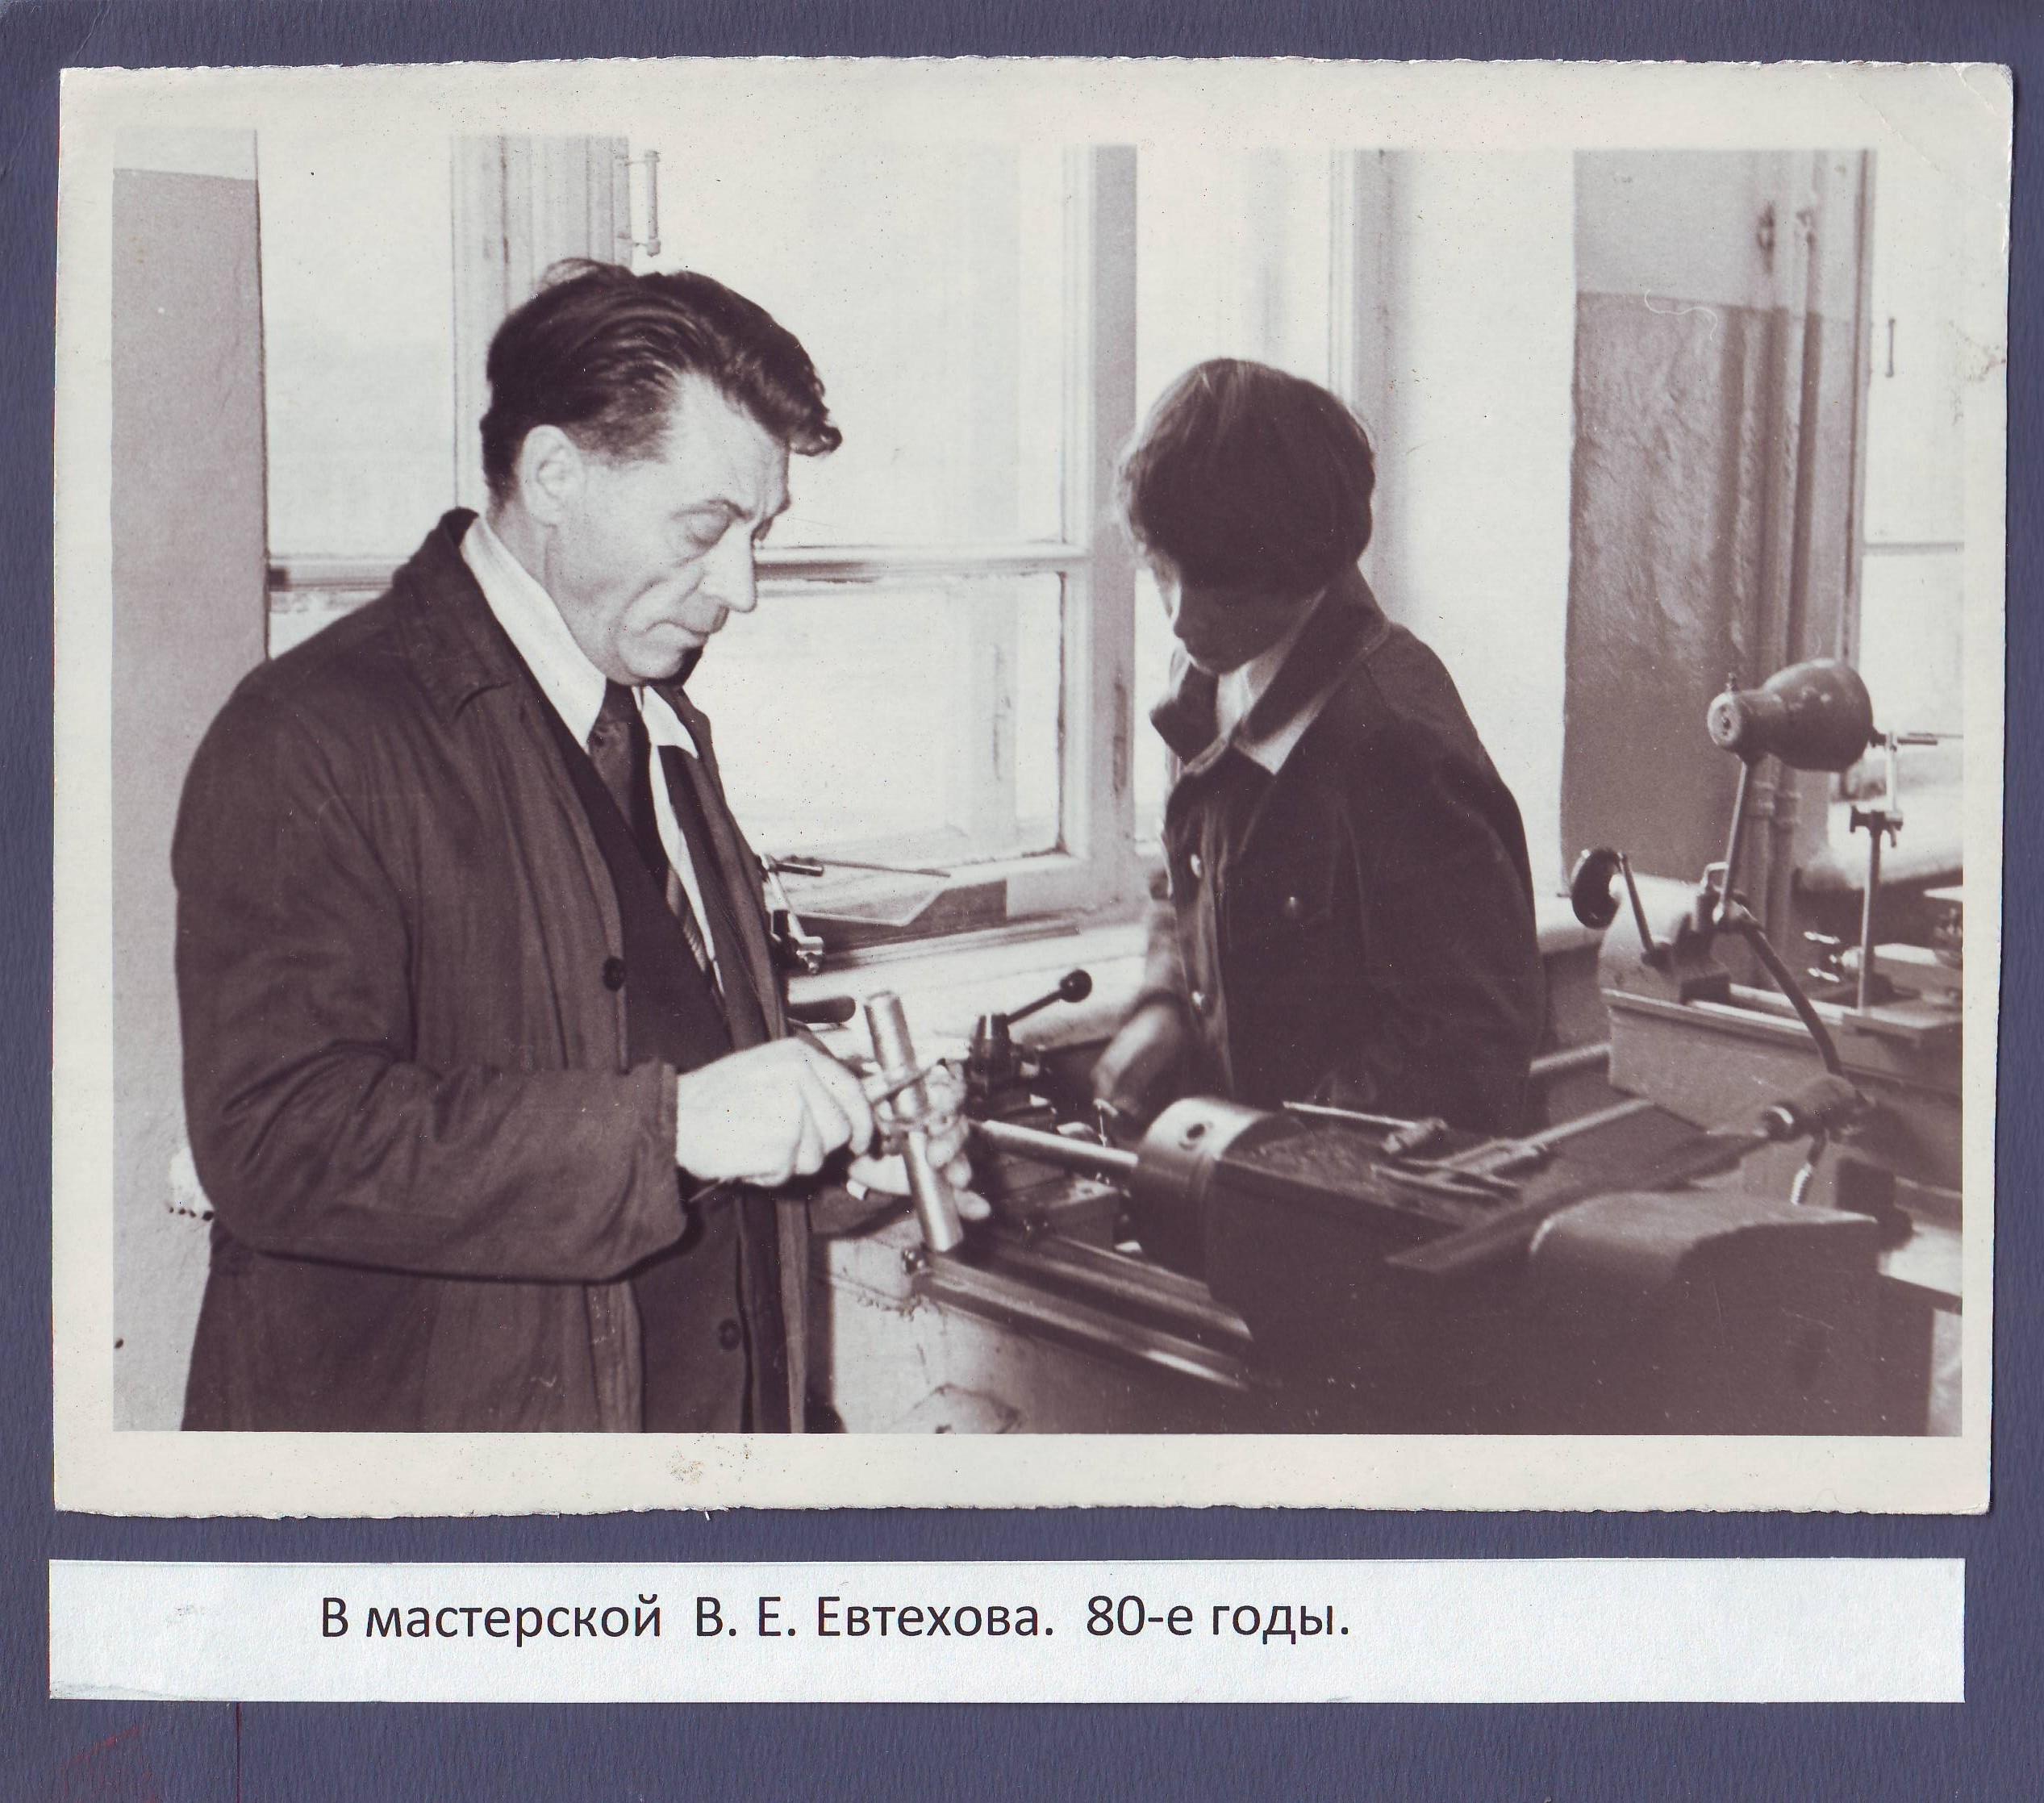 В мастерской Евтехова В.Е. 80-е годы